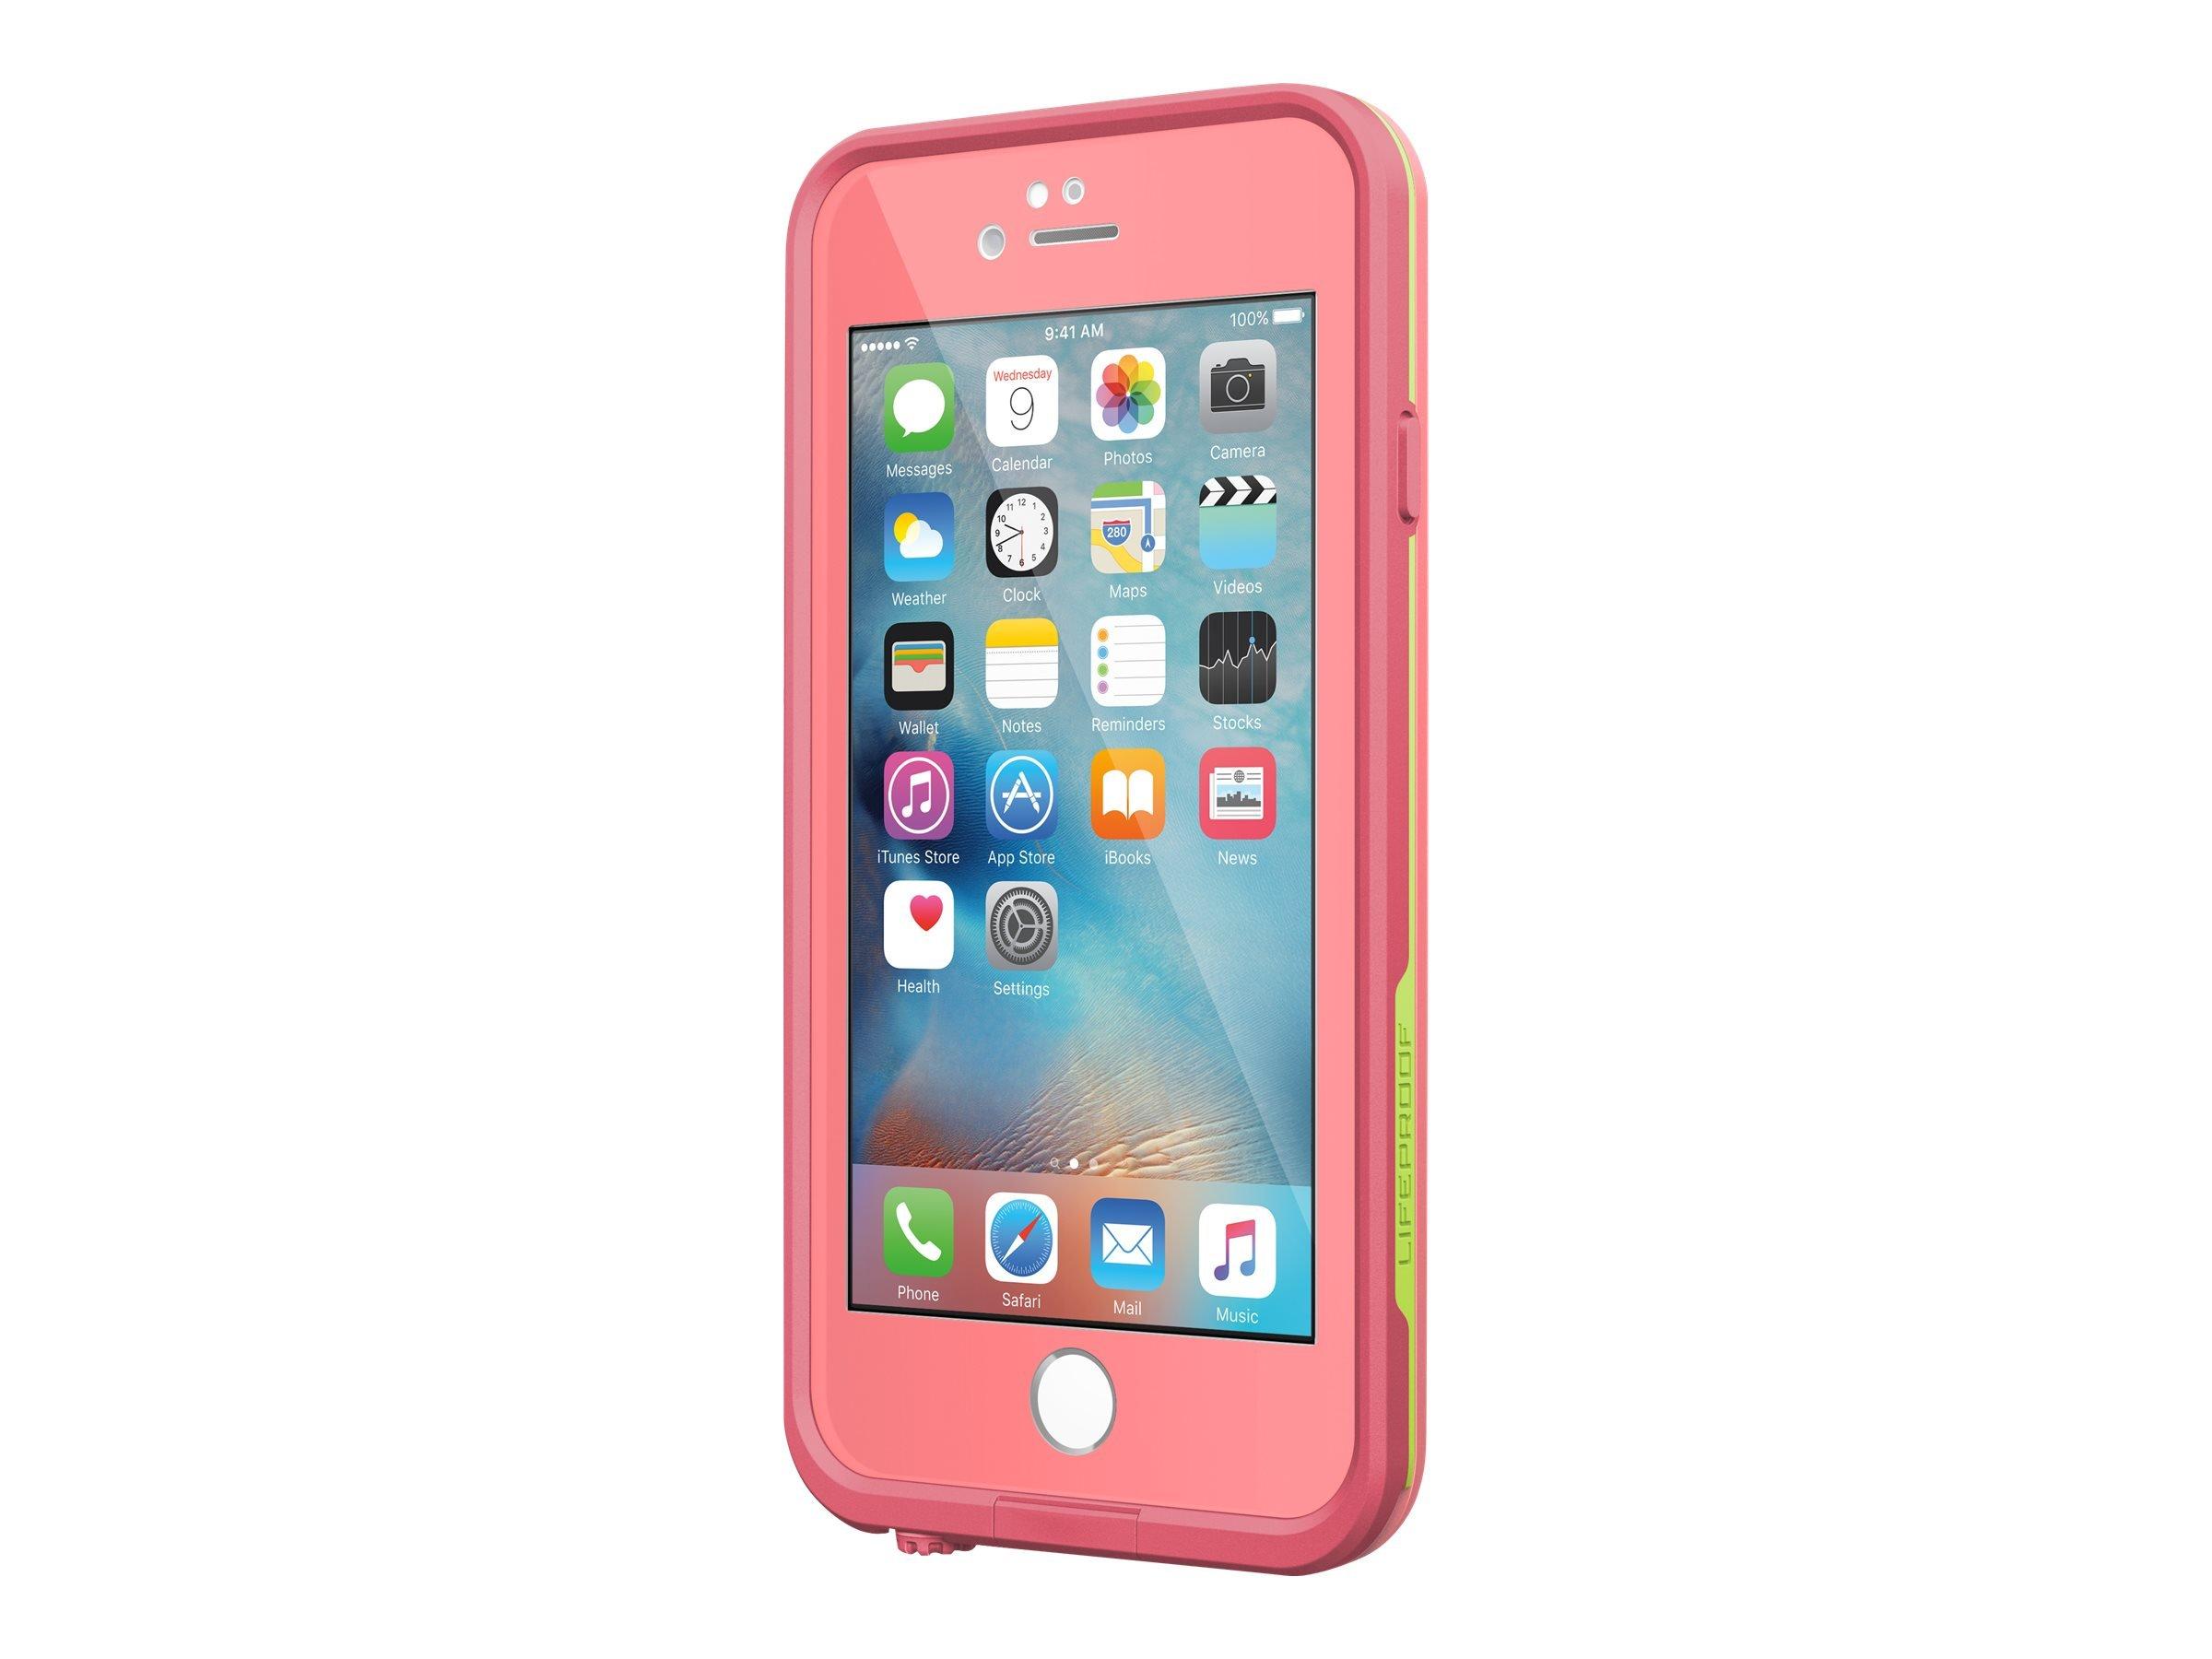 Lifeproof FRĒ SERIES iPhone 6 Plus/6s Plus Waterproof Case (5.5'' Version) - Retail Packaging - SUNSET (PIPELINE/WINDSURF/LONGBOARD)